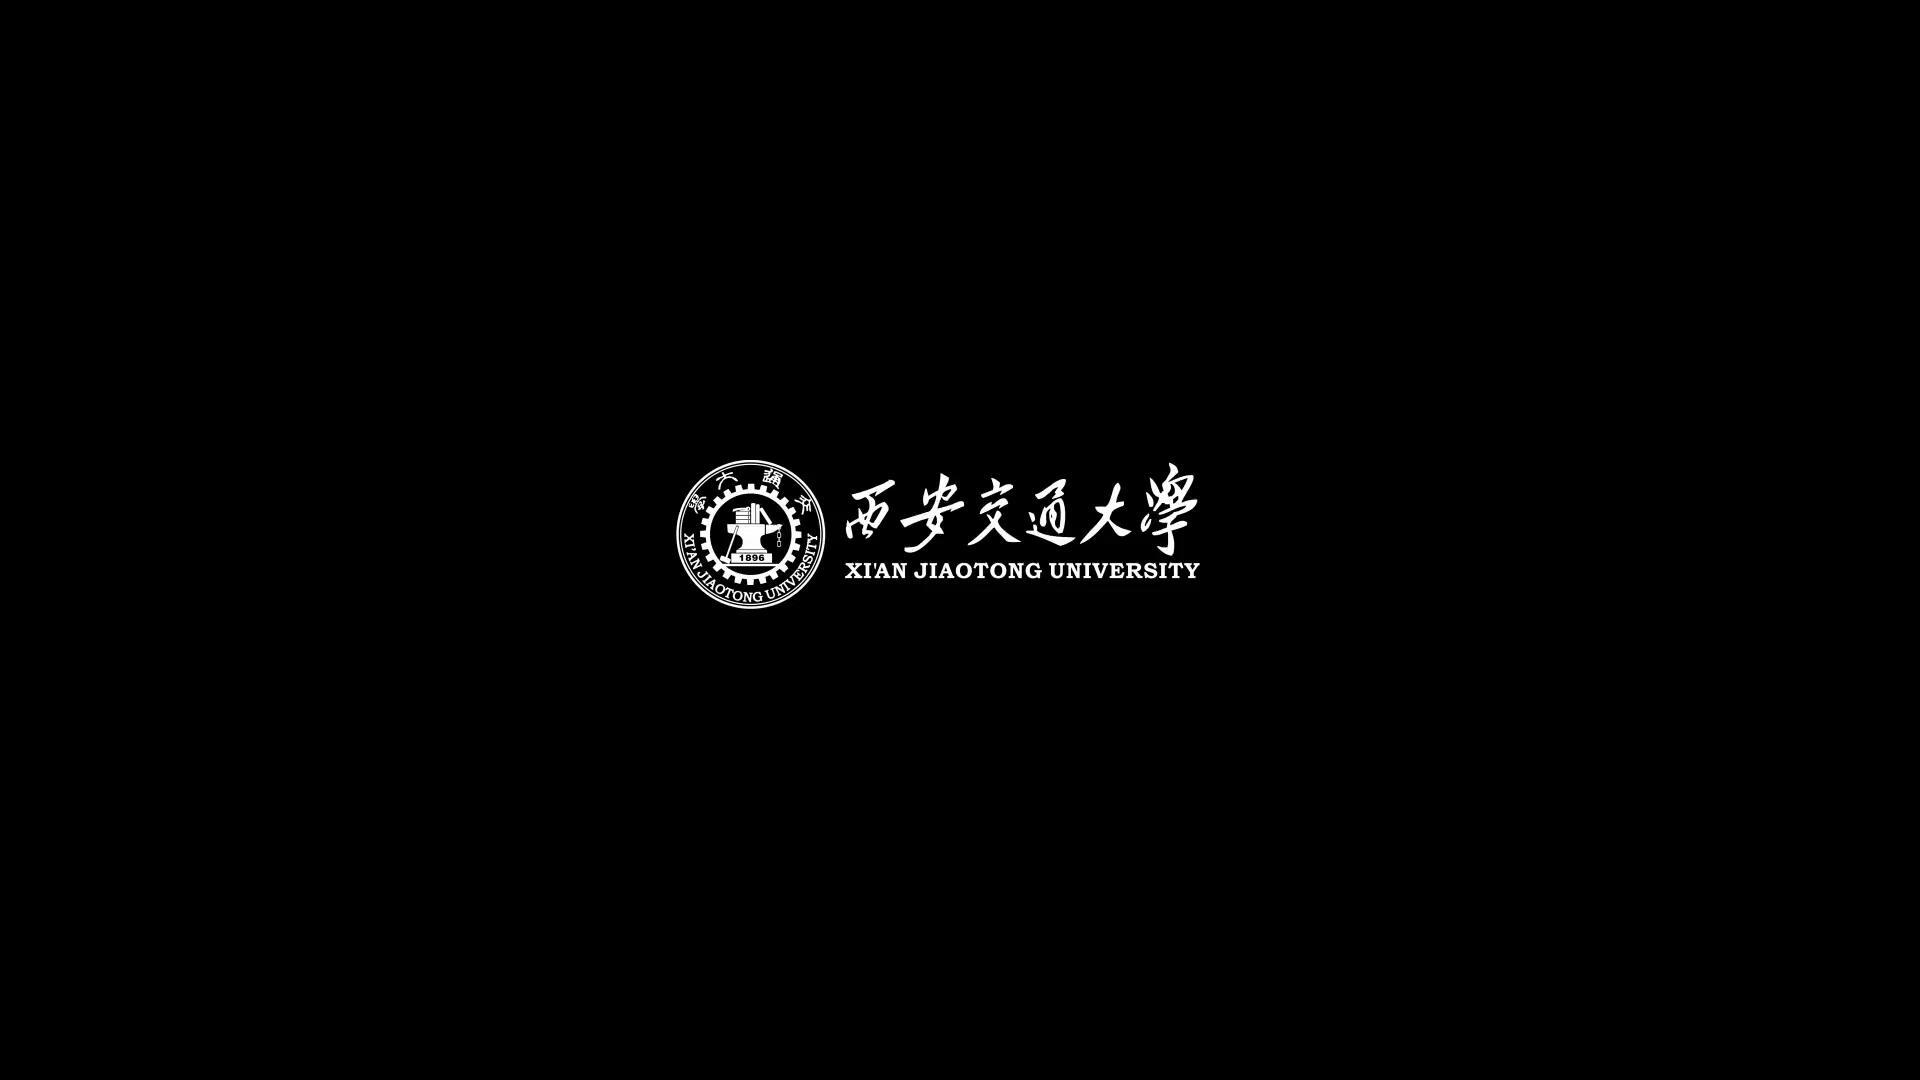 西安交通大学2019年招生宣传片——仙交大,在这里